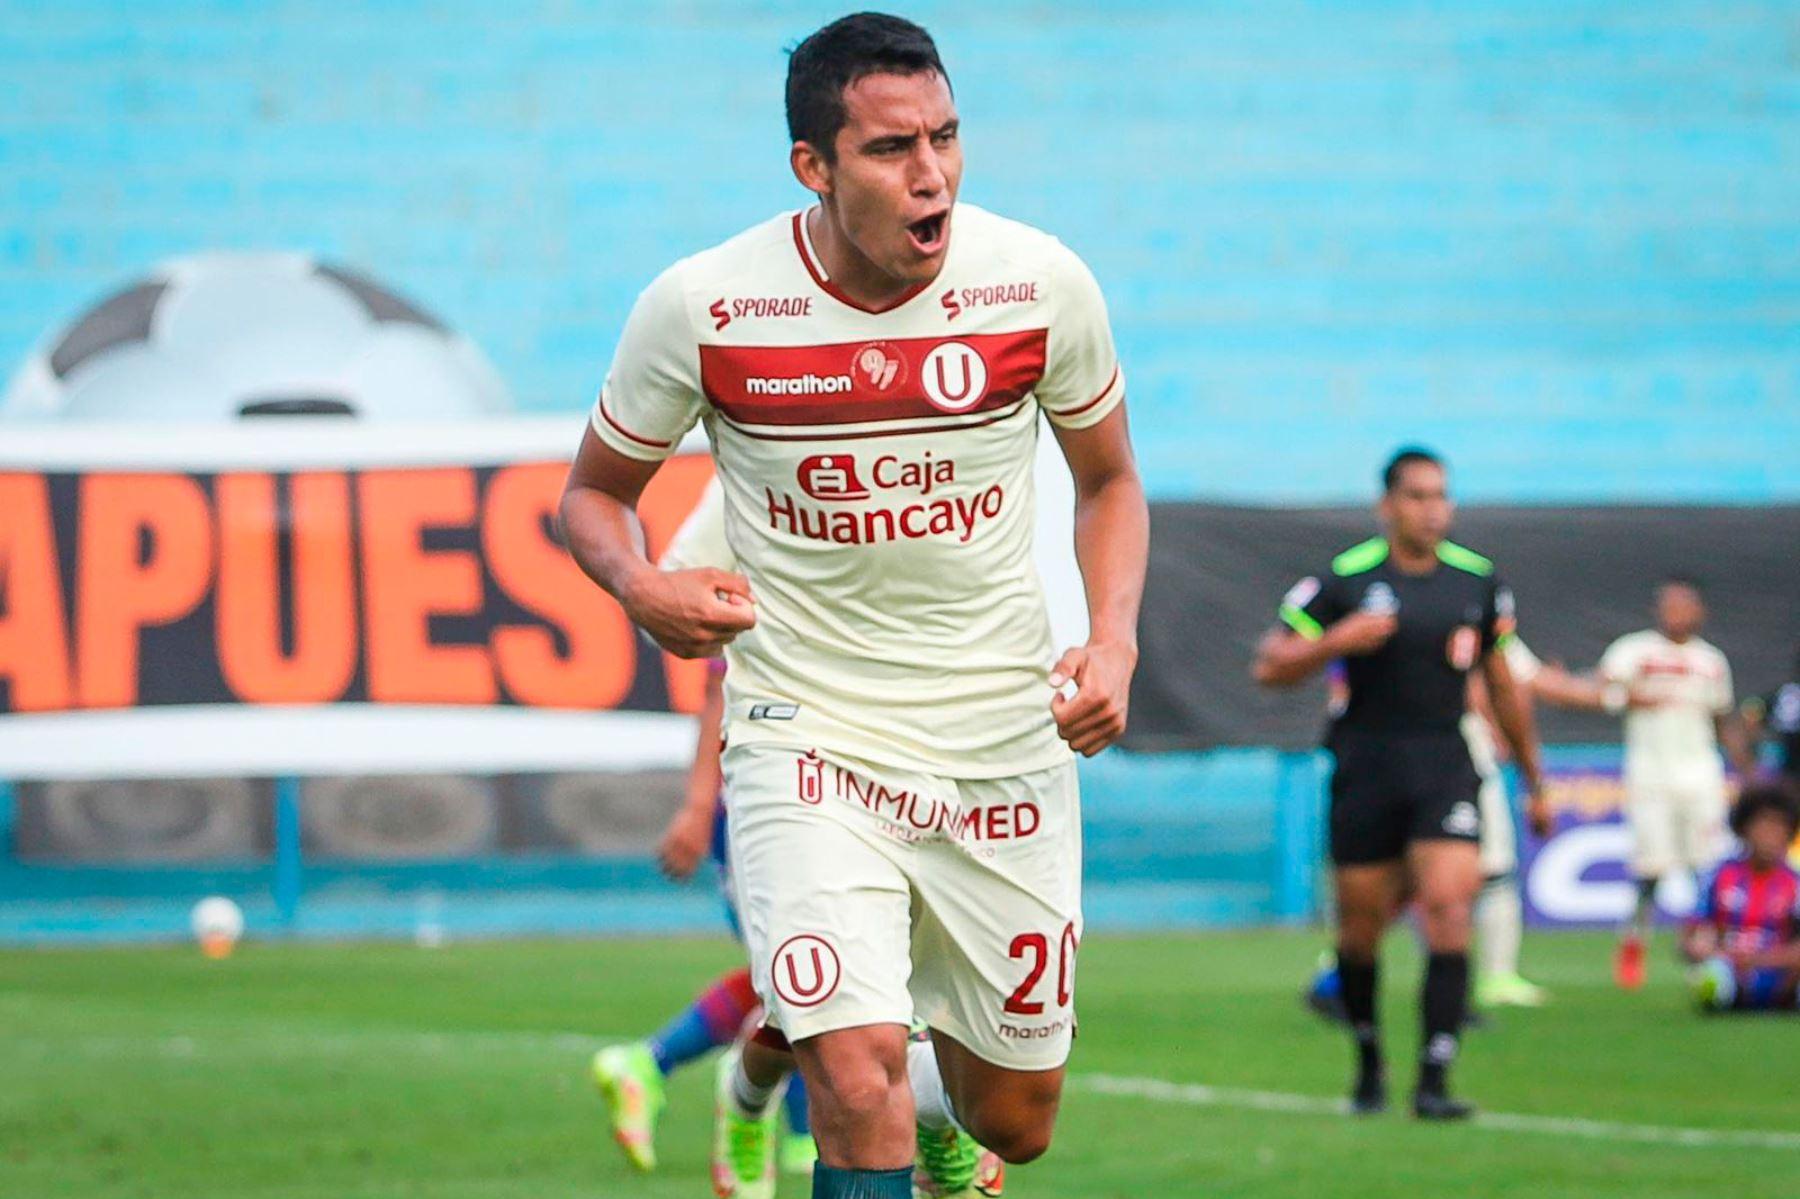 Alex Valera llegó a Universitario este año, tras descender con Llaucabamba el 2020. Foto: Twitter Liga 1.